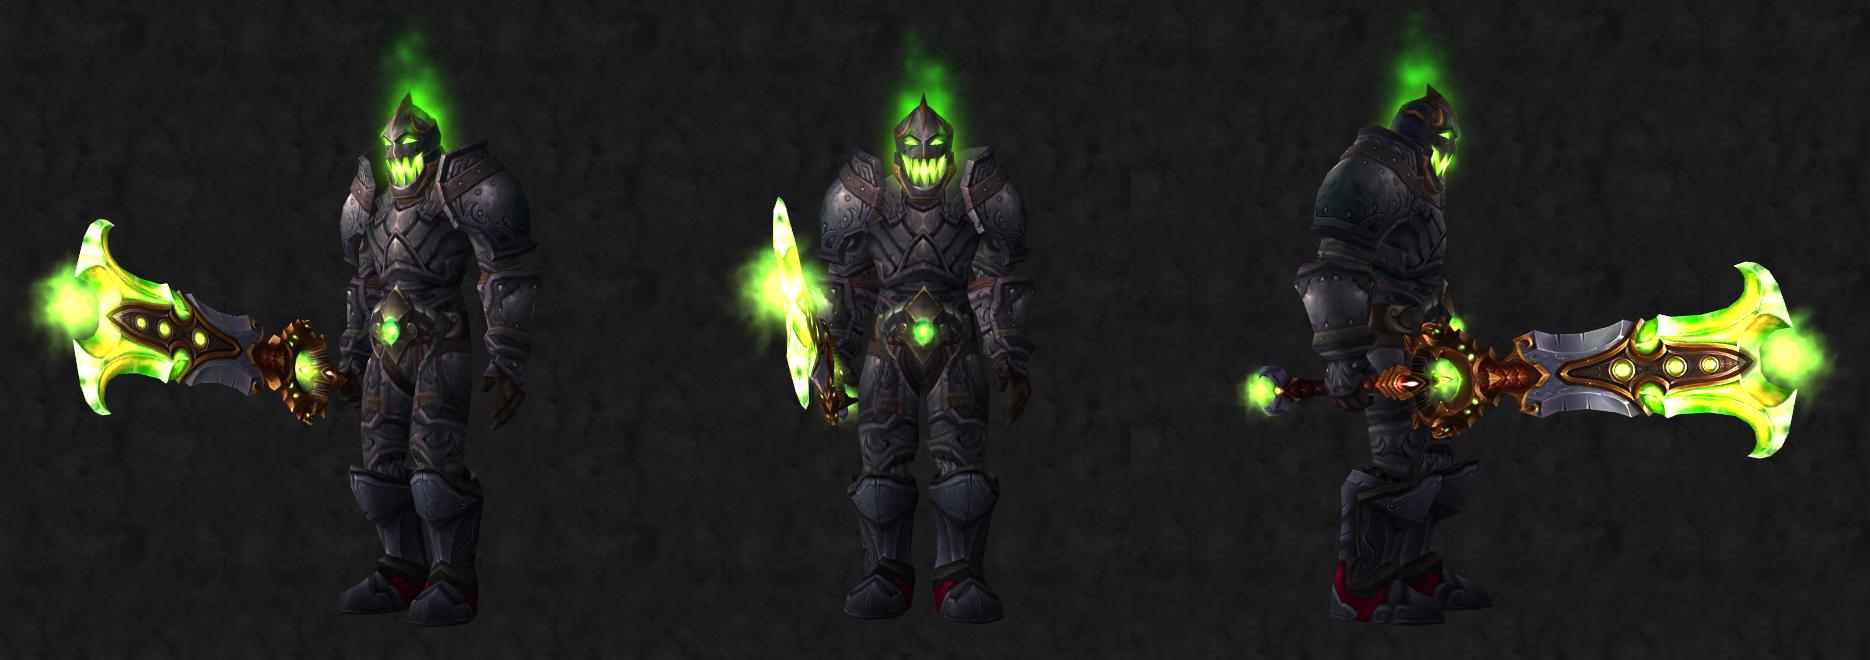 Mogrifizieren Kopflose Reiter World Of Warcraft Foren